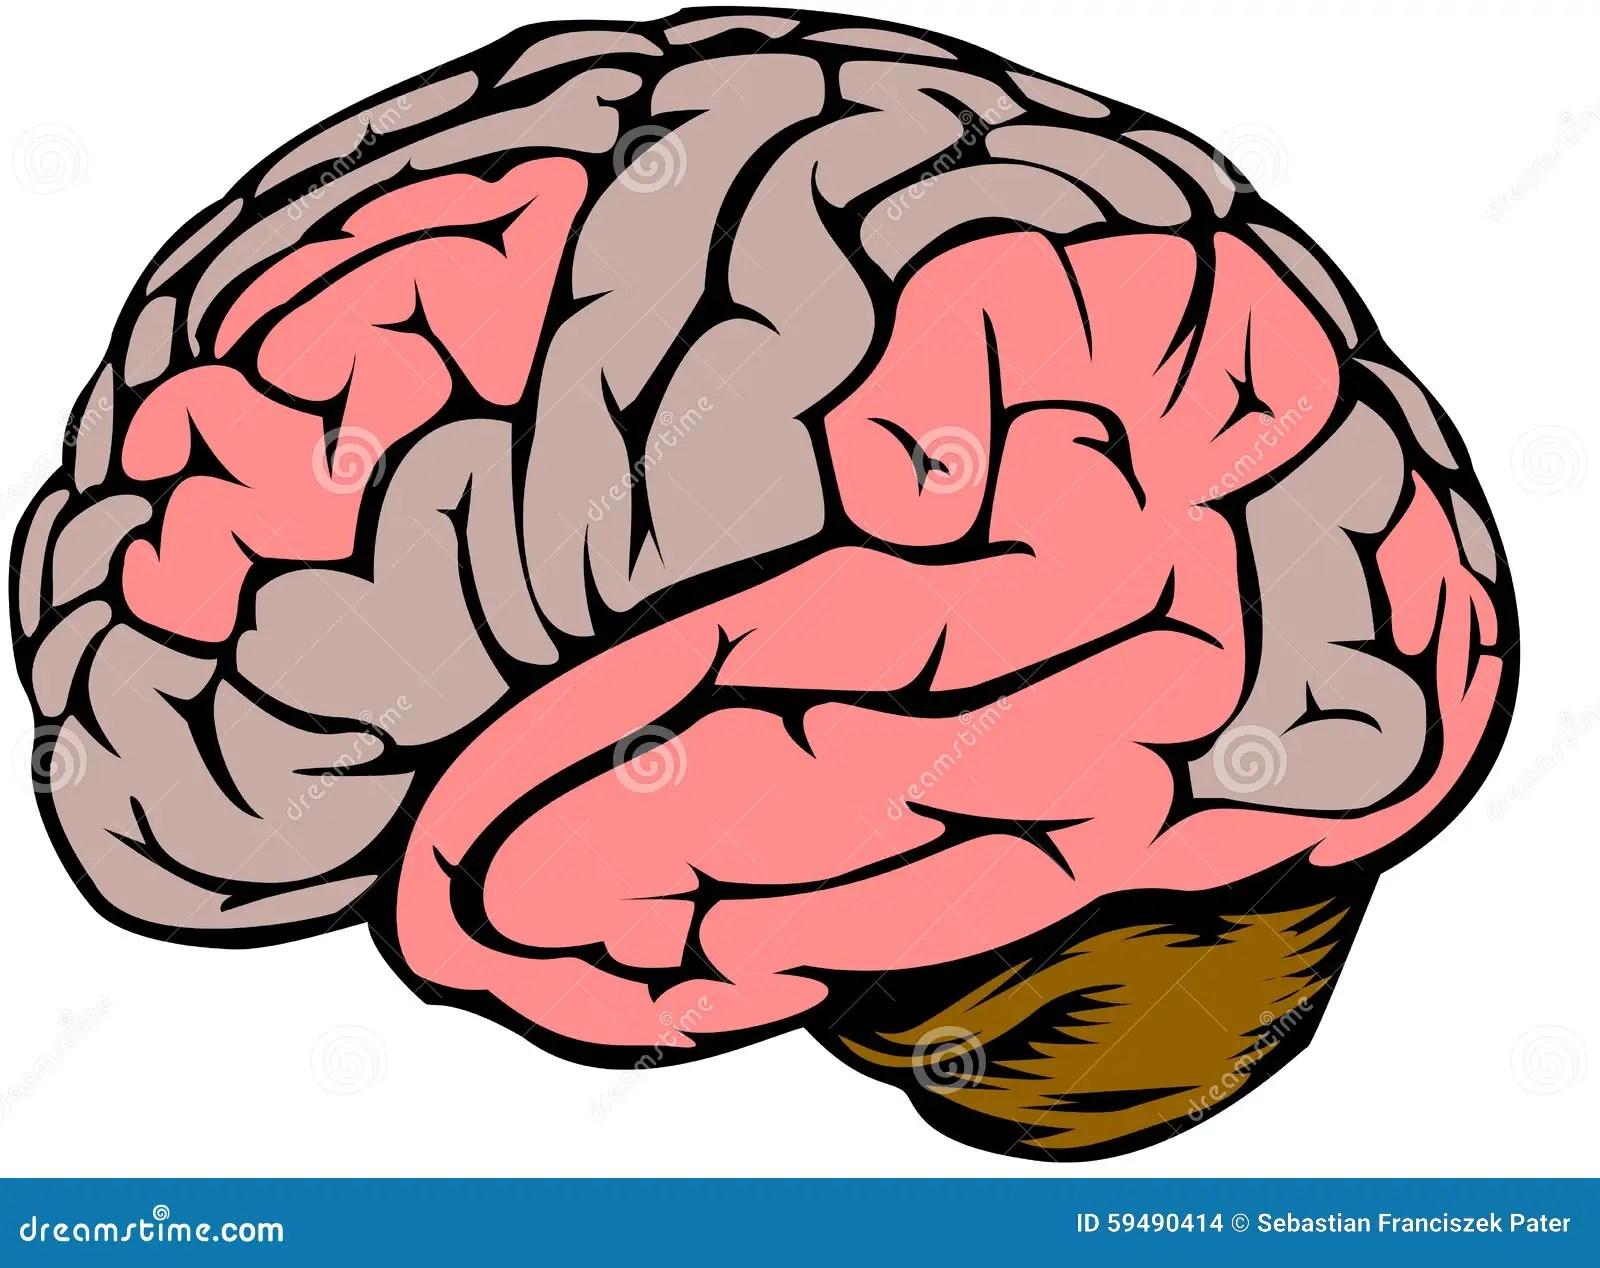 Brain Stock Vector